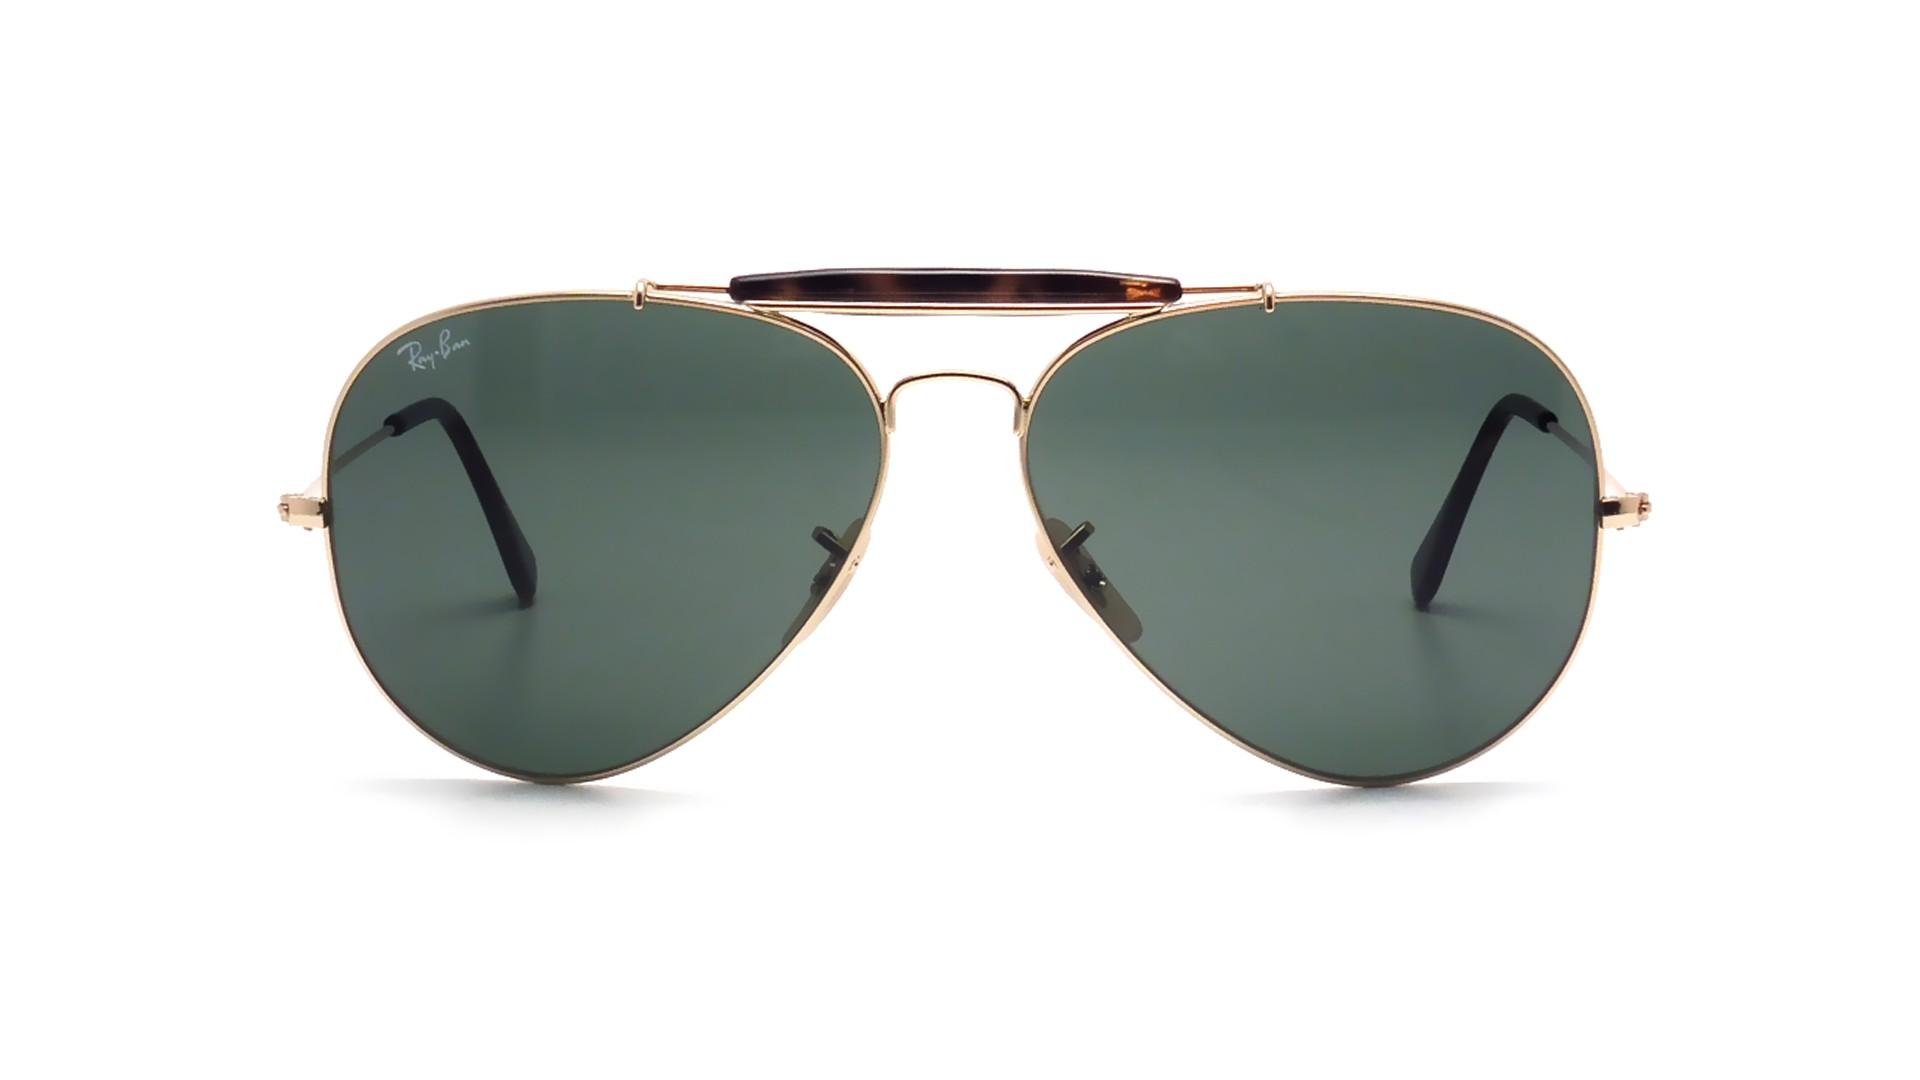 9e25e4c5ee Sunglasses Ray-Ban Outdoorsman II Havane Gold RB3029 181 62-14 Large